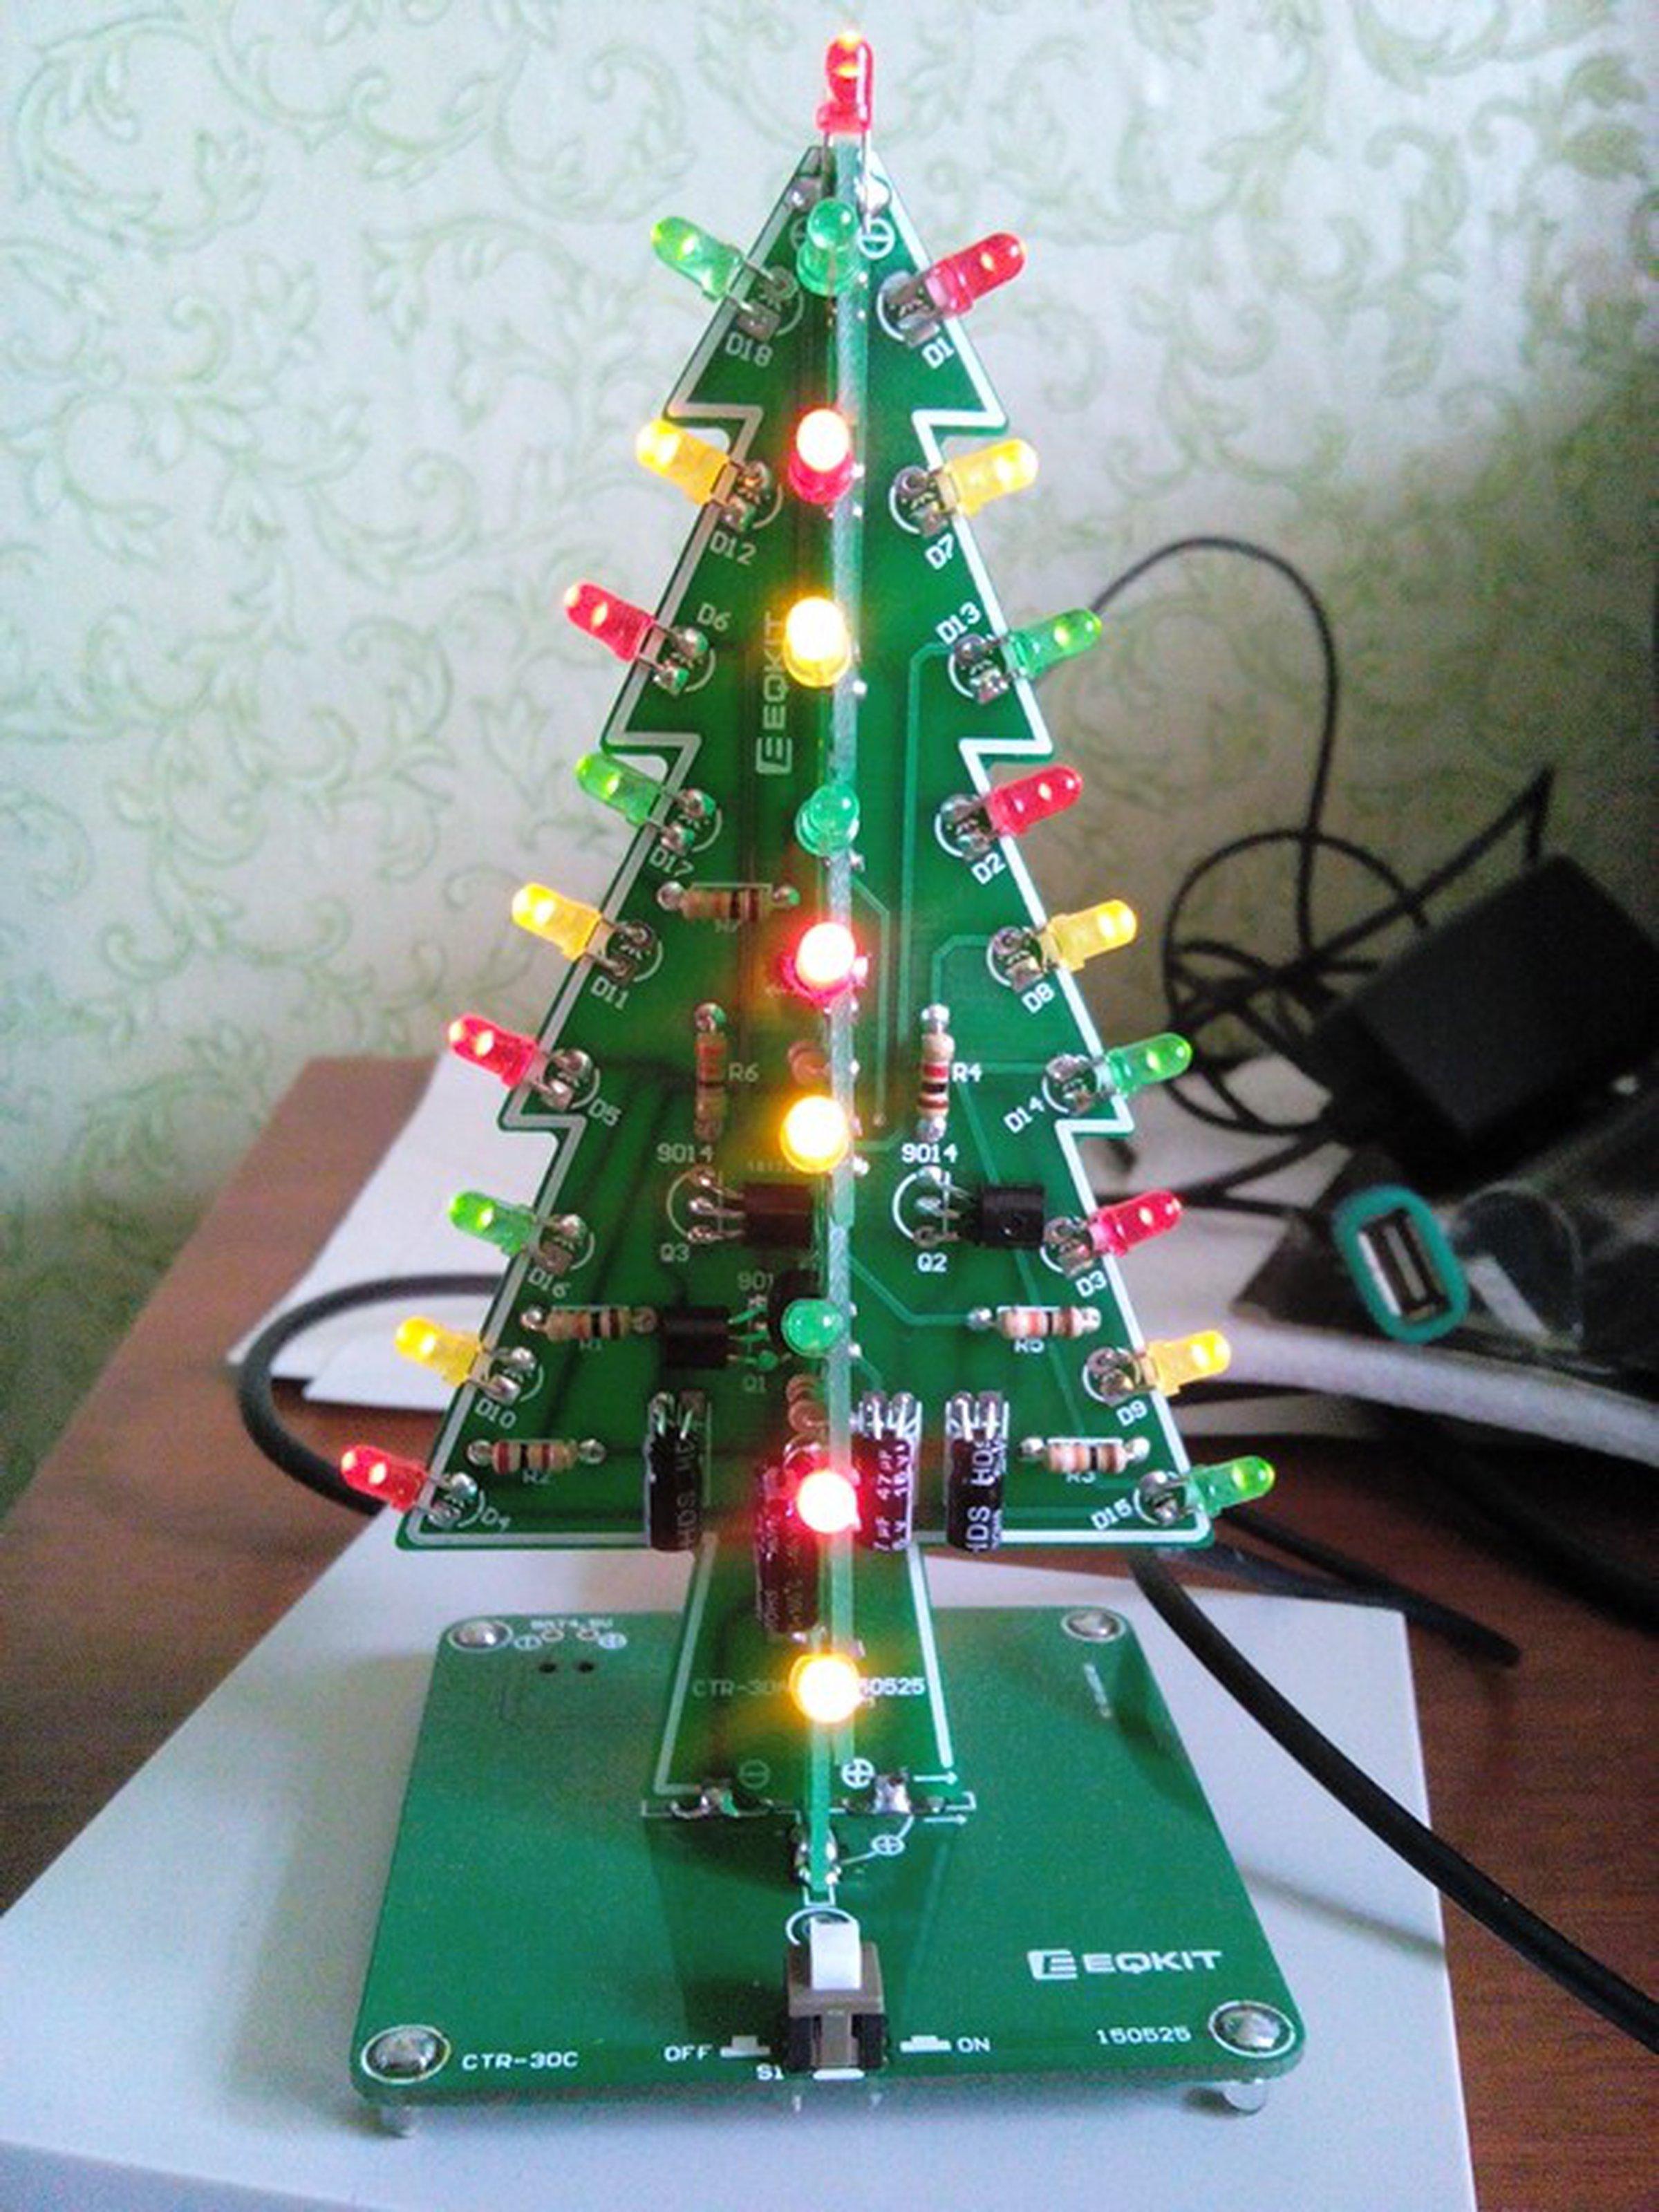 diy flashing led christmas tree circuit kit7212 2 - Led Christmas